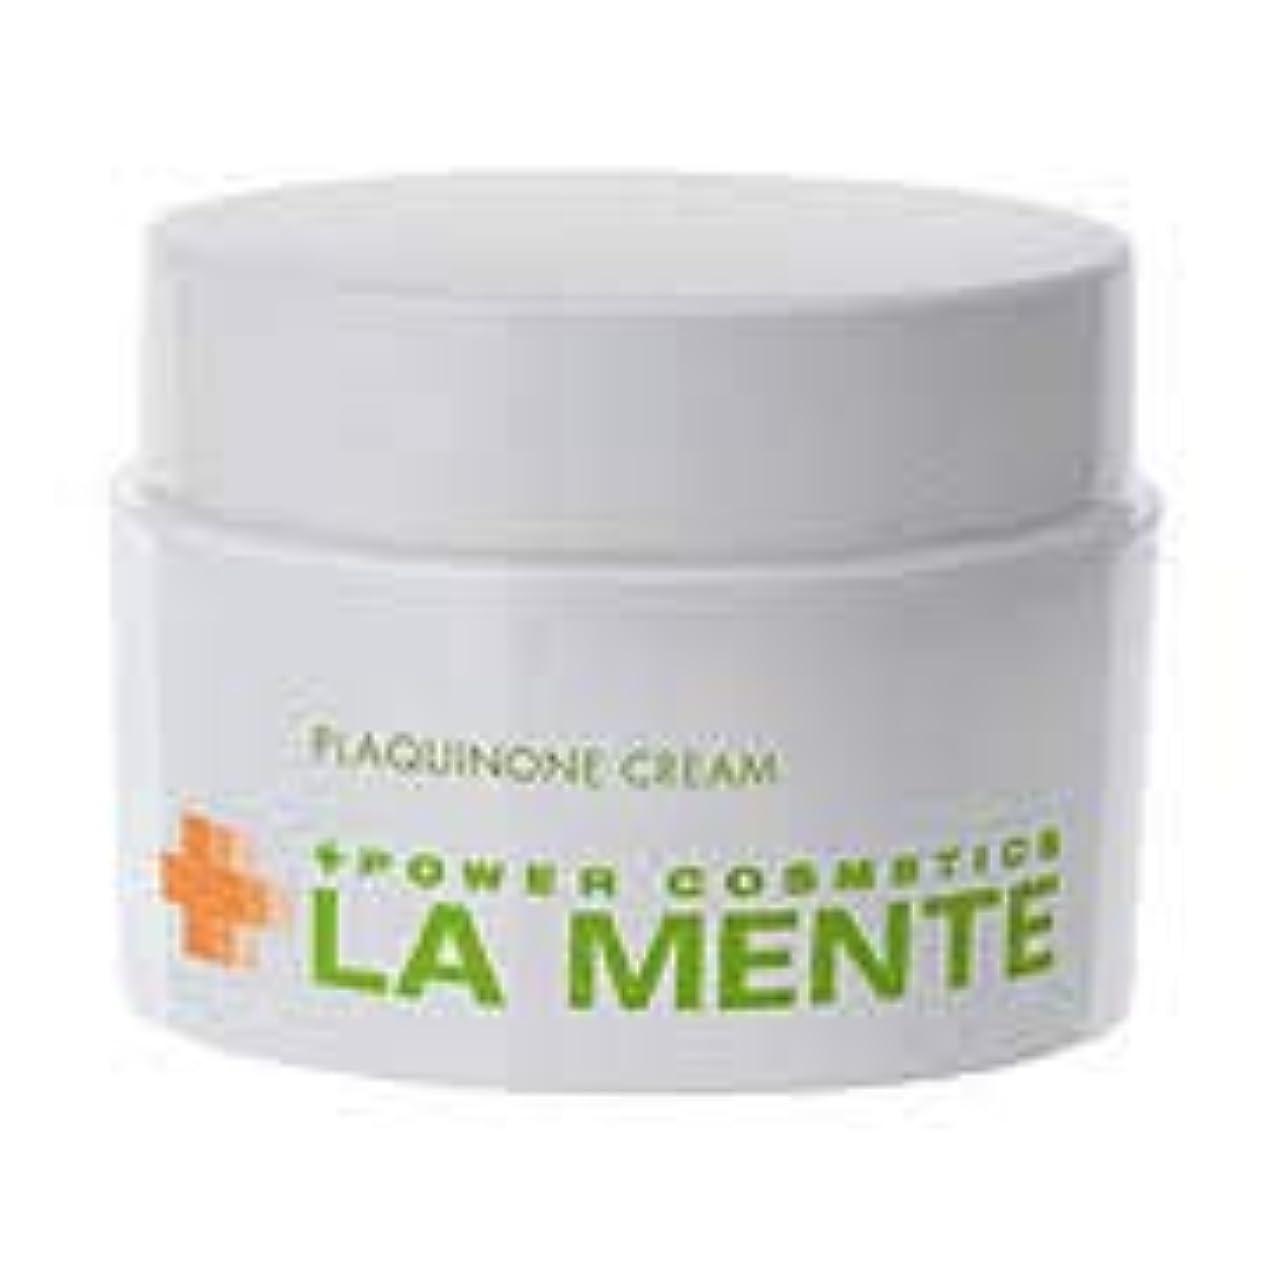 息苦しい溶けた香ばしいラメンテ プラキノンクリーム 30gx3個セット